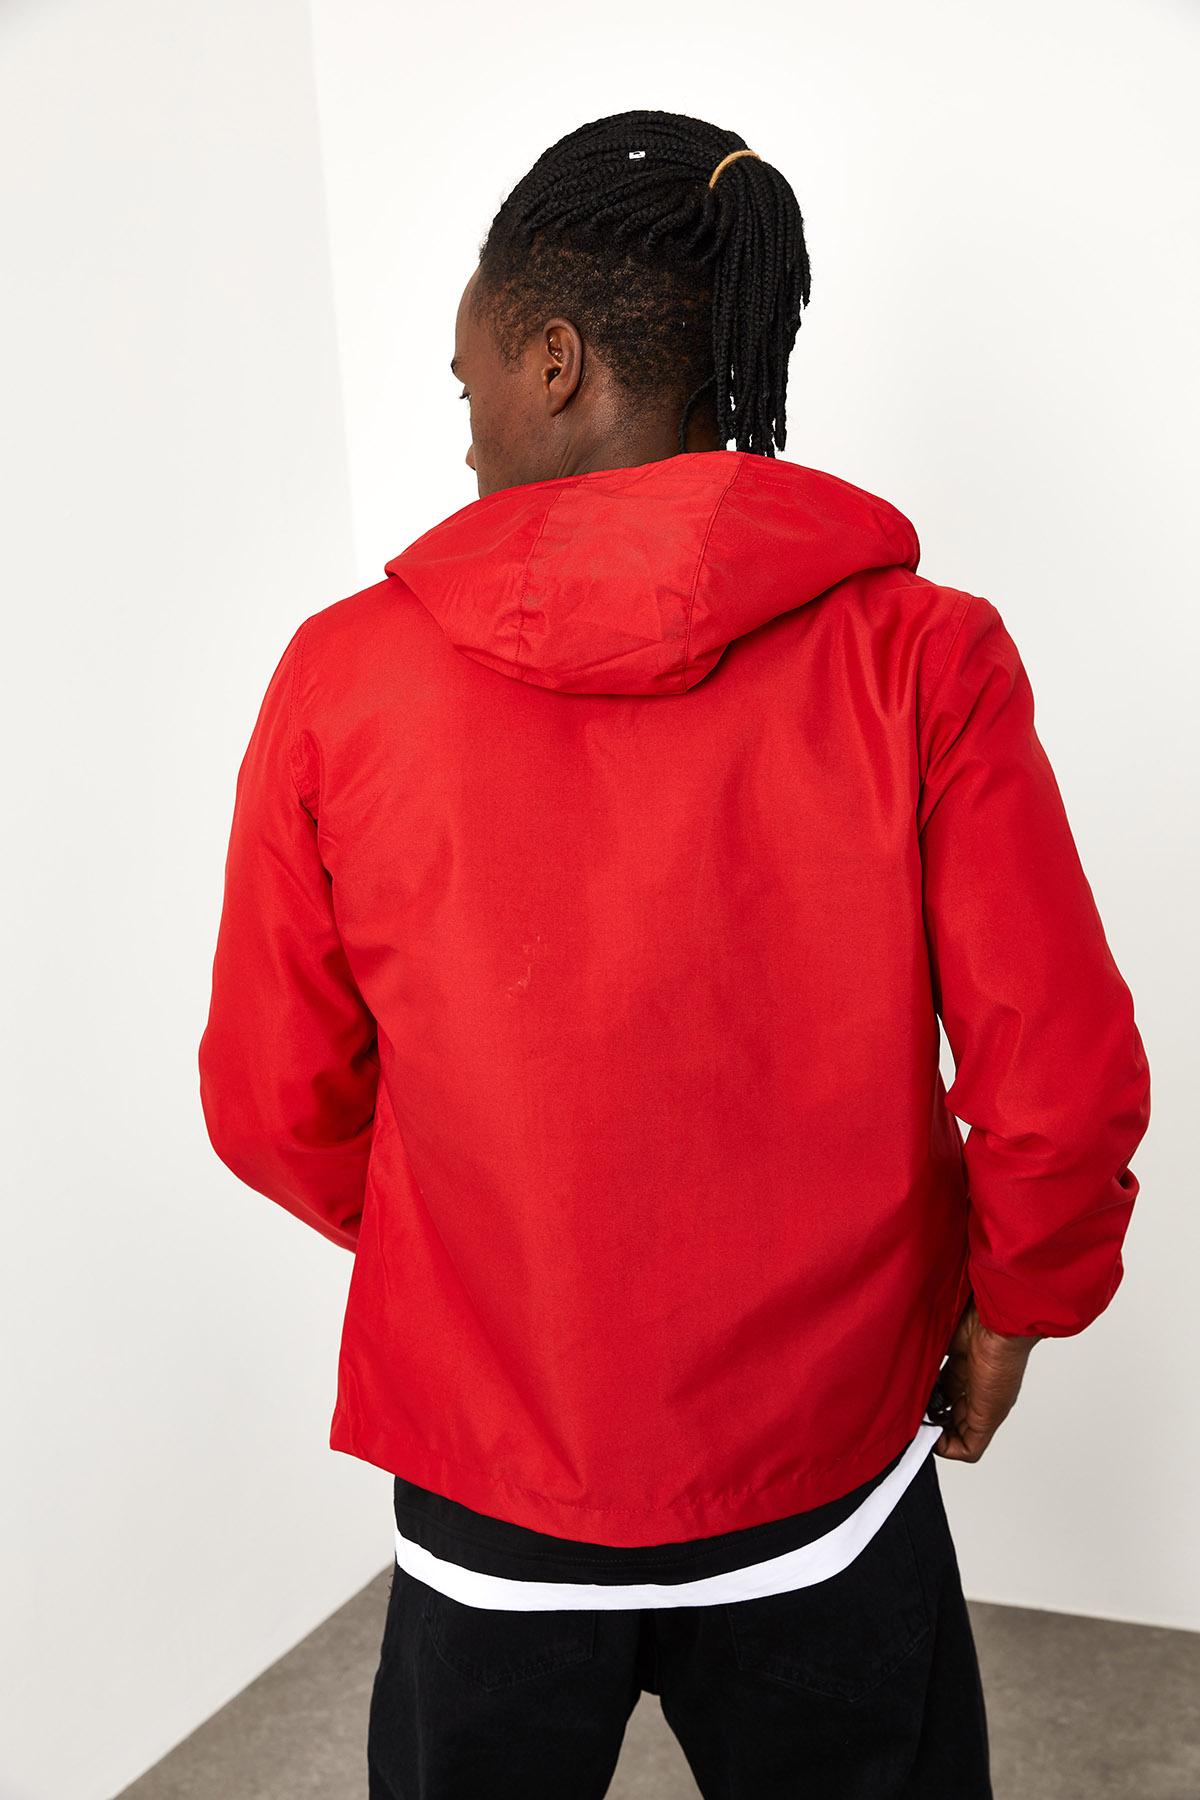 Kırmızı Kapüşonlü Yağmurluk 1YXE8-44963-04